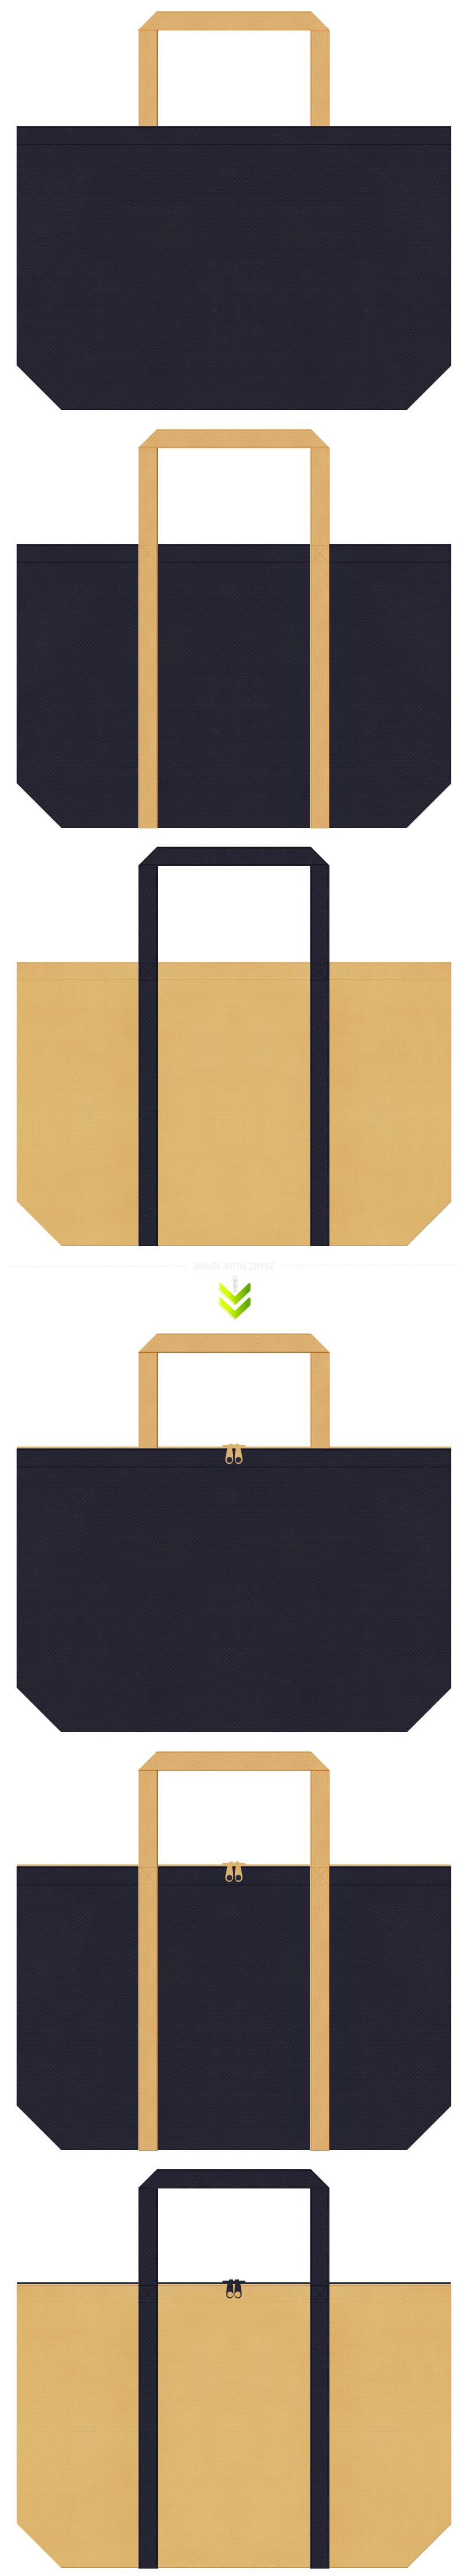 濃紺色と薄黄土色の不織布エコバッグのデザイン。インディゴデニムのイメージで、カジュアルのショッピングバッグにお奨めです。